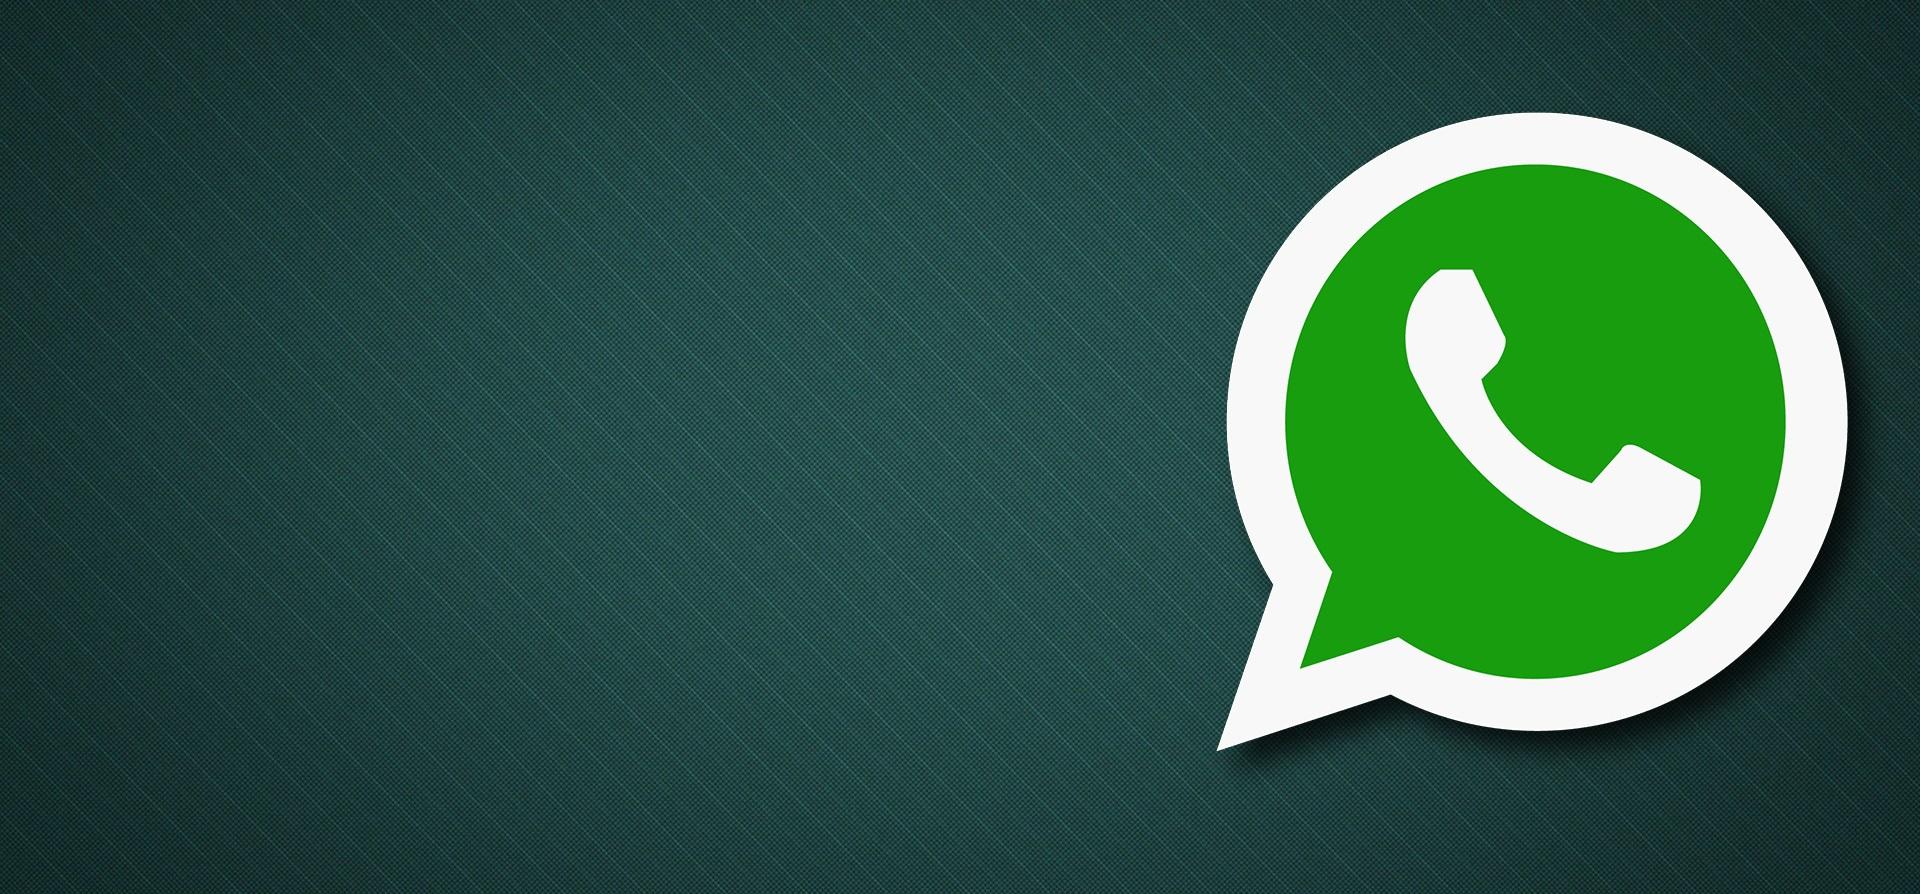 WhatsApp advertirá con una notificación cuando se borre un mensaje o archivo